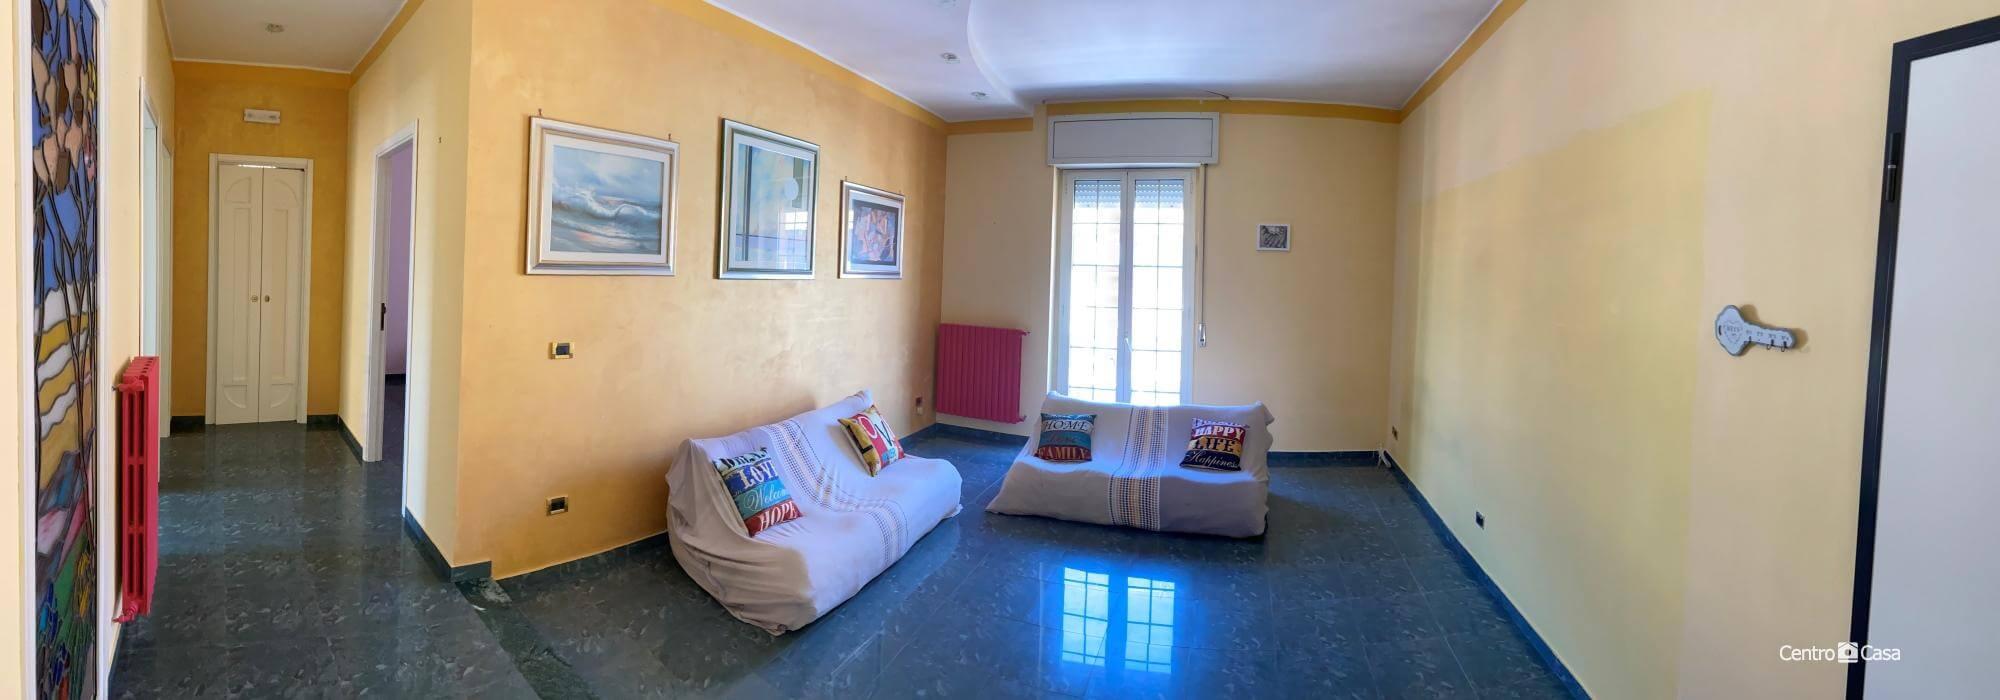 Appartamento via Campo